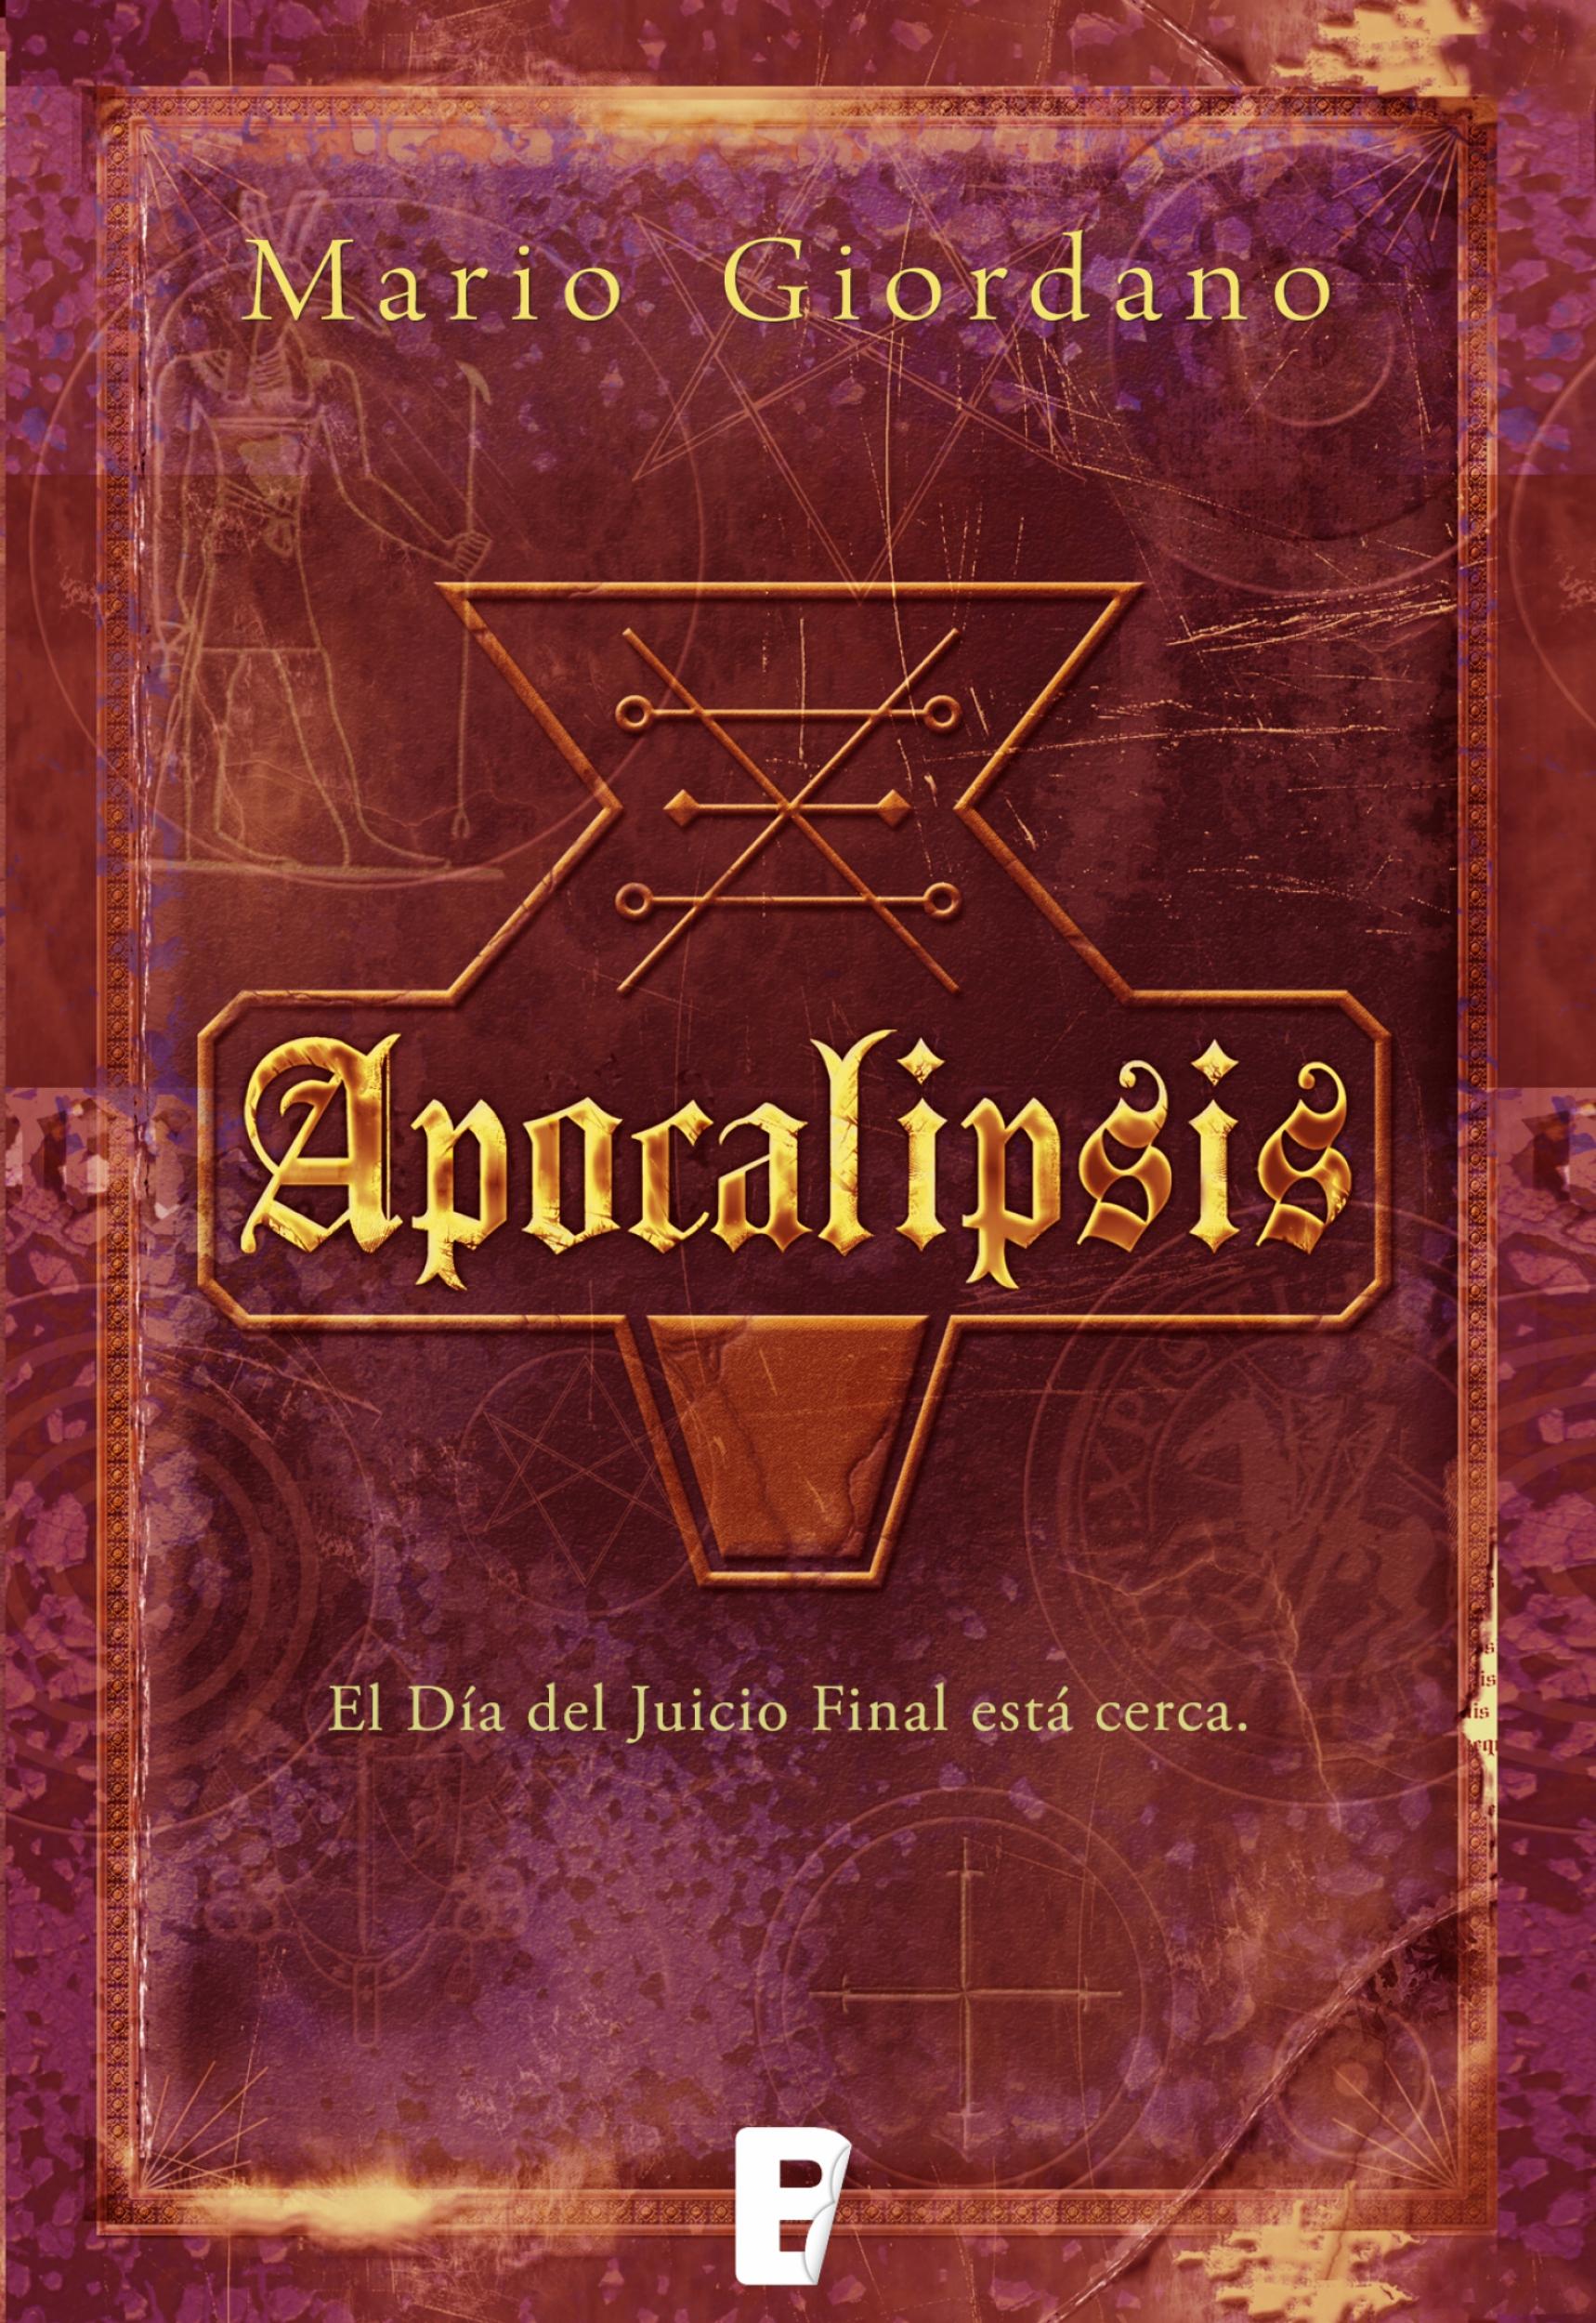 Descargar libro Apocalipsis epub - HARALD TONOLLO